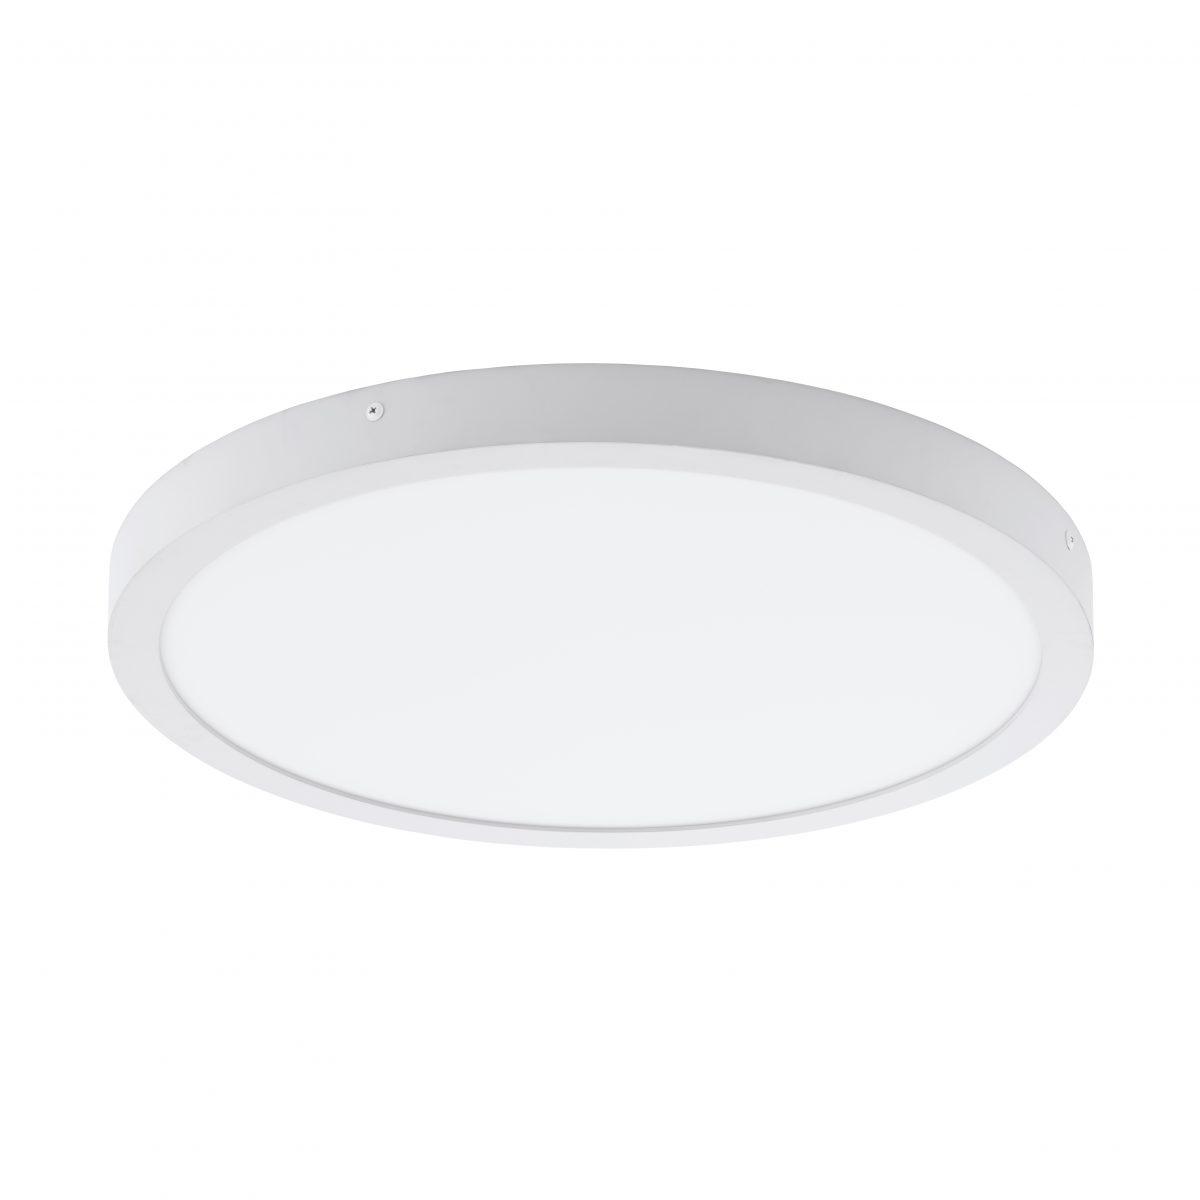 Светильник настенно-потолочный FUEVA 1 EGLO 97275 - Фото №28